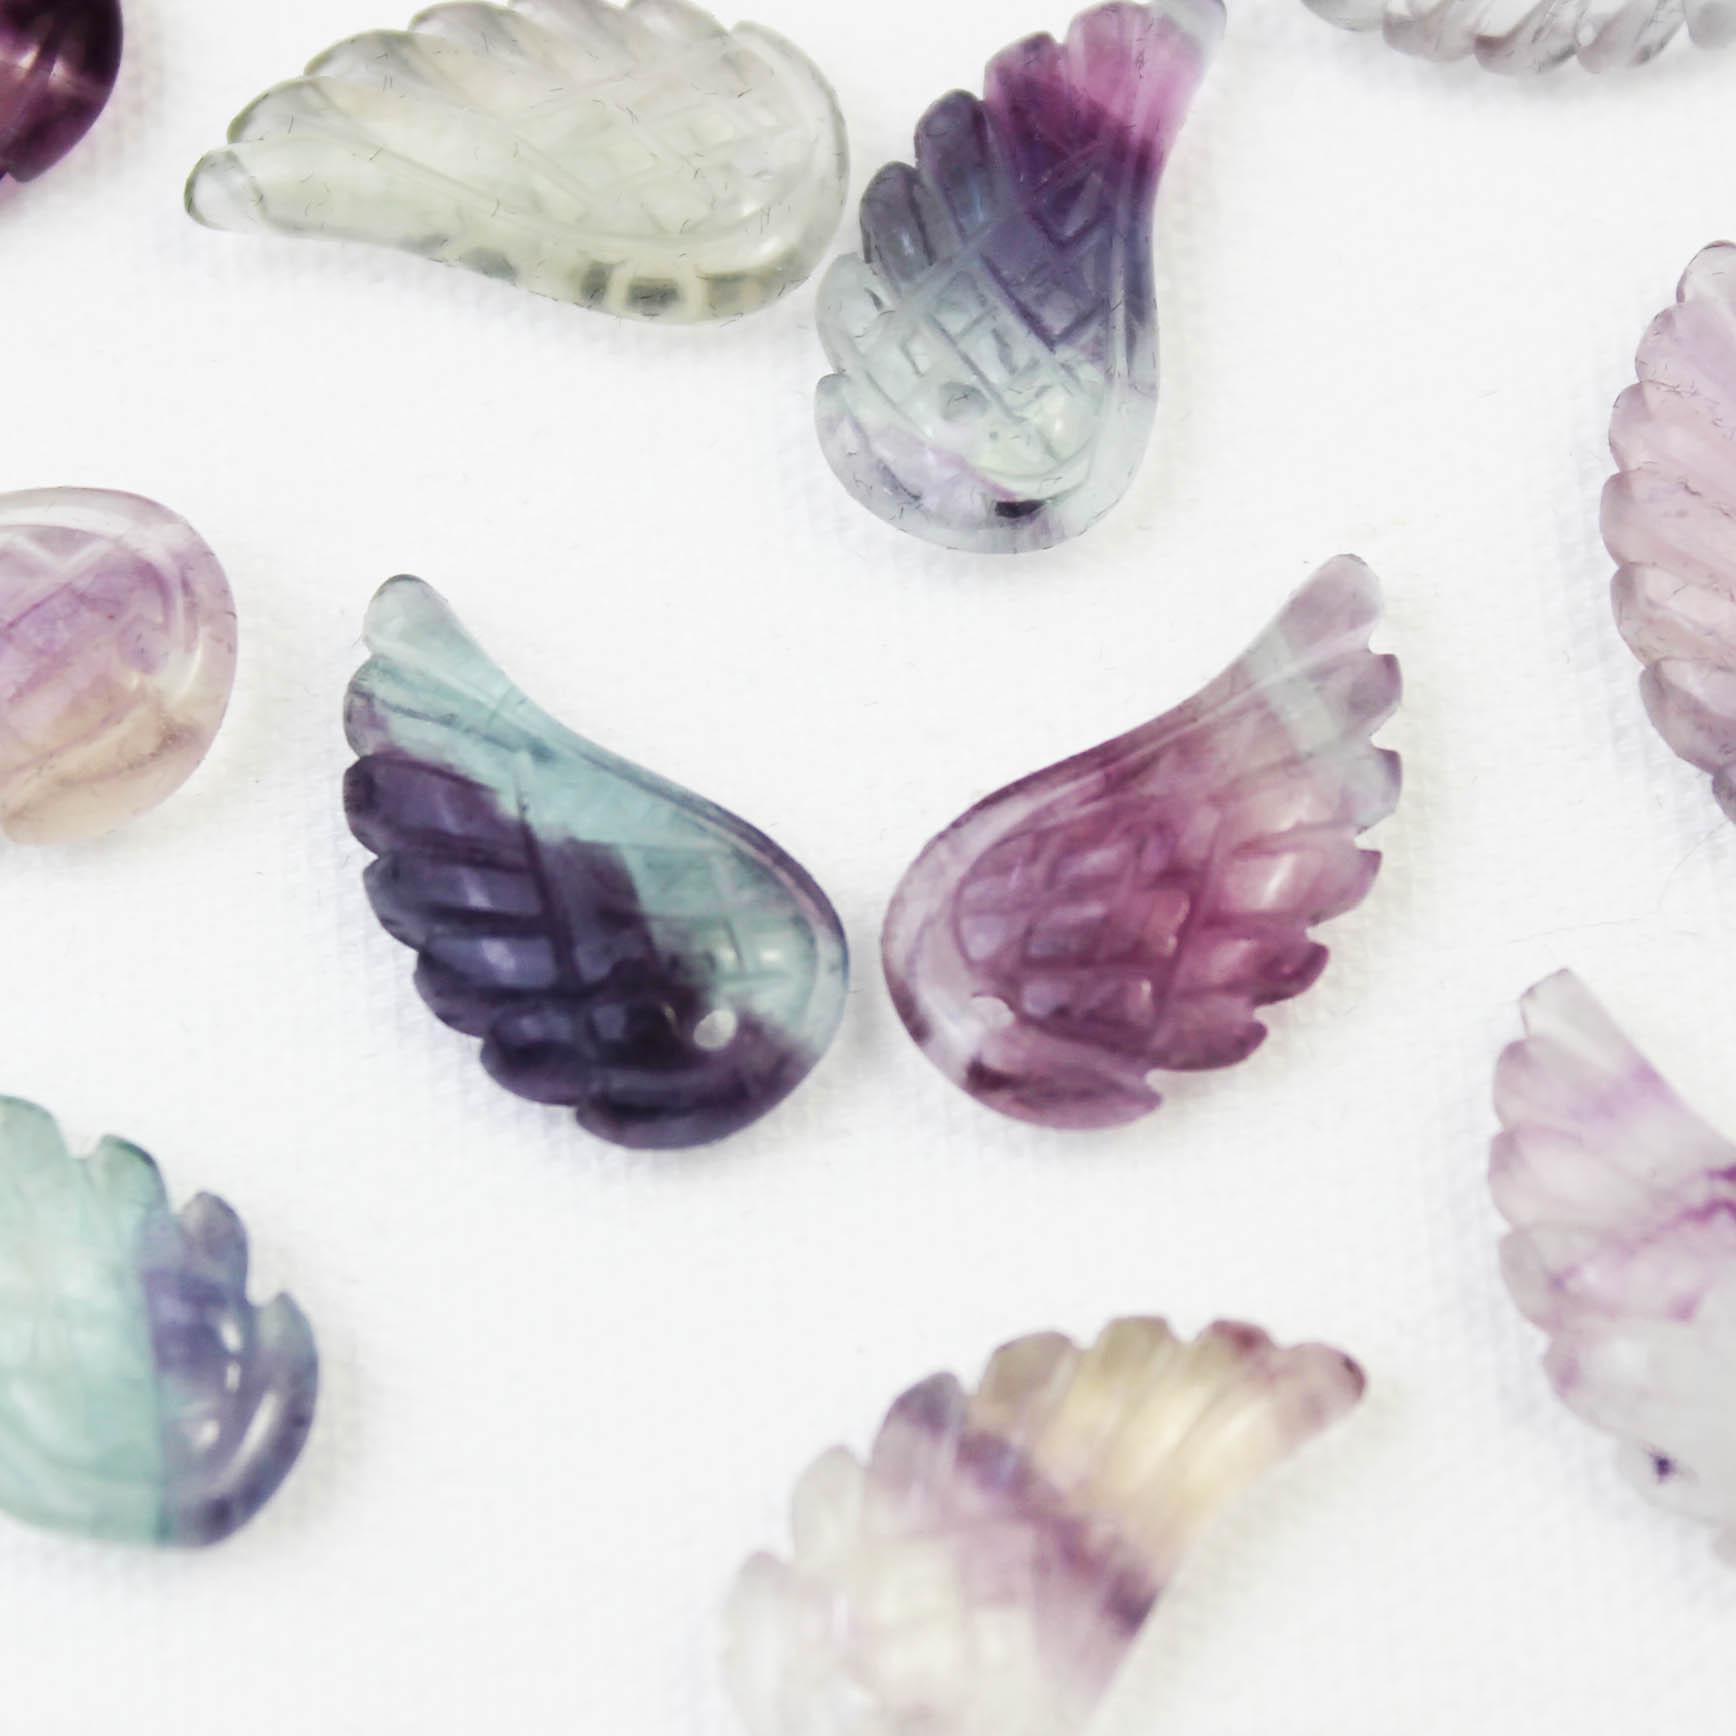 【一粒売り】バラ石 天使の羽 翼 フェザー フローライト 素材 パーツ 天然石 パワーストーン